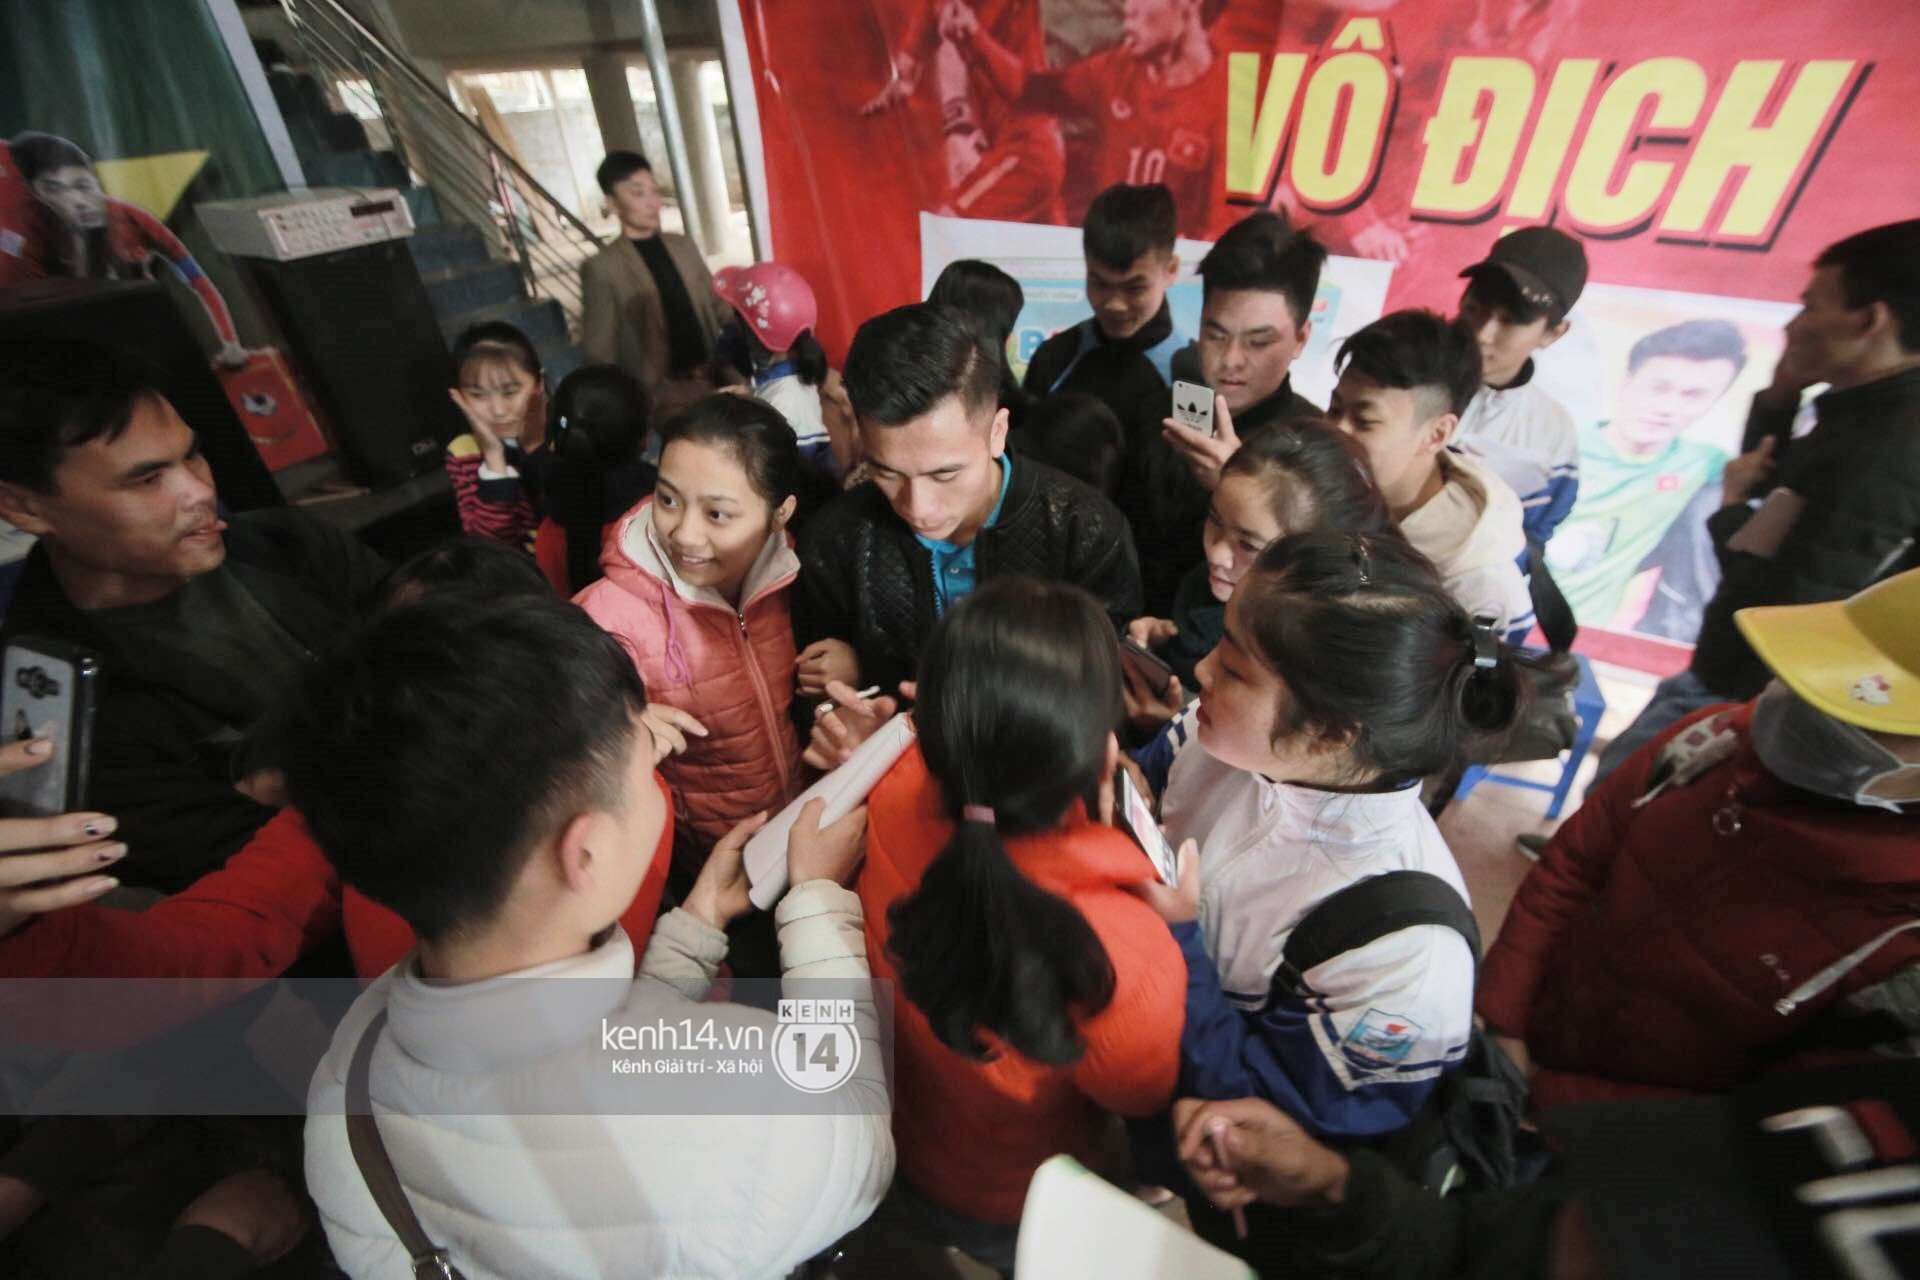 Chùm ảnh: Biết tin anh em Tiến Dũng đã về nhà, hàng trăm người hâm mộ Thanh Hóa đã kéo đến chúc mừng - Ảnh 9.